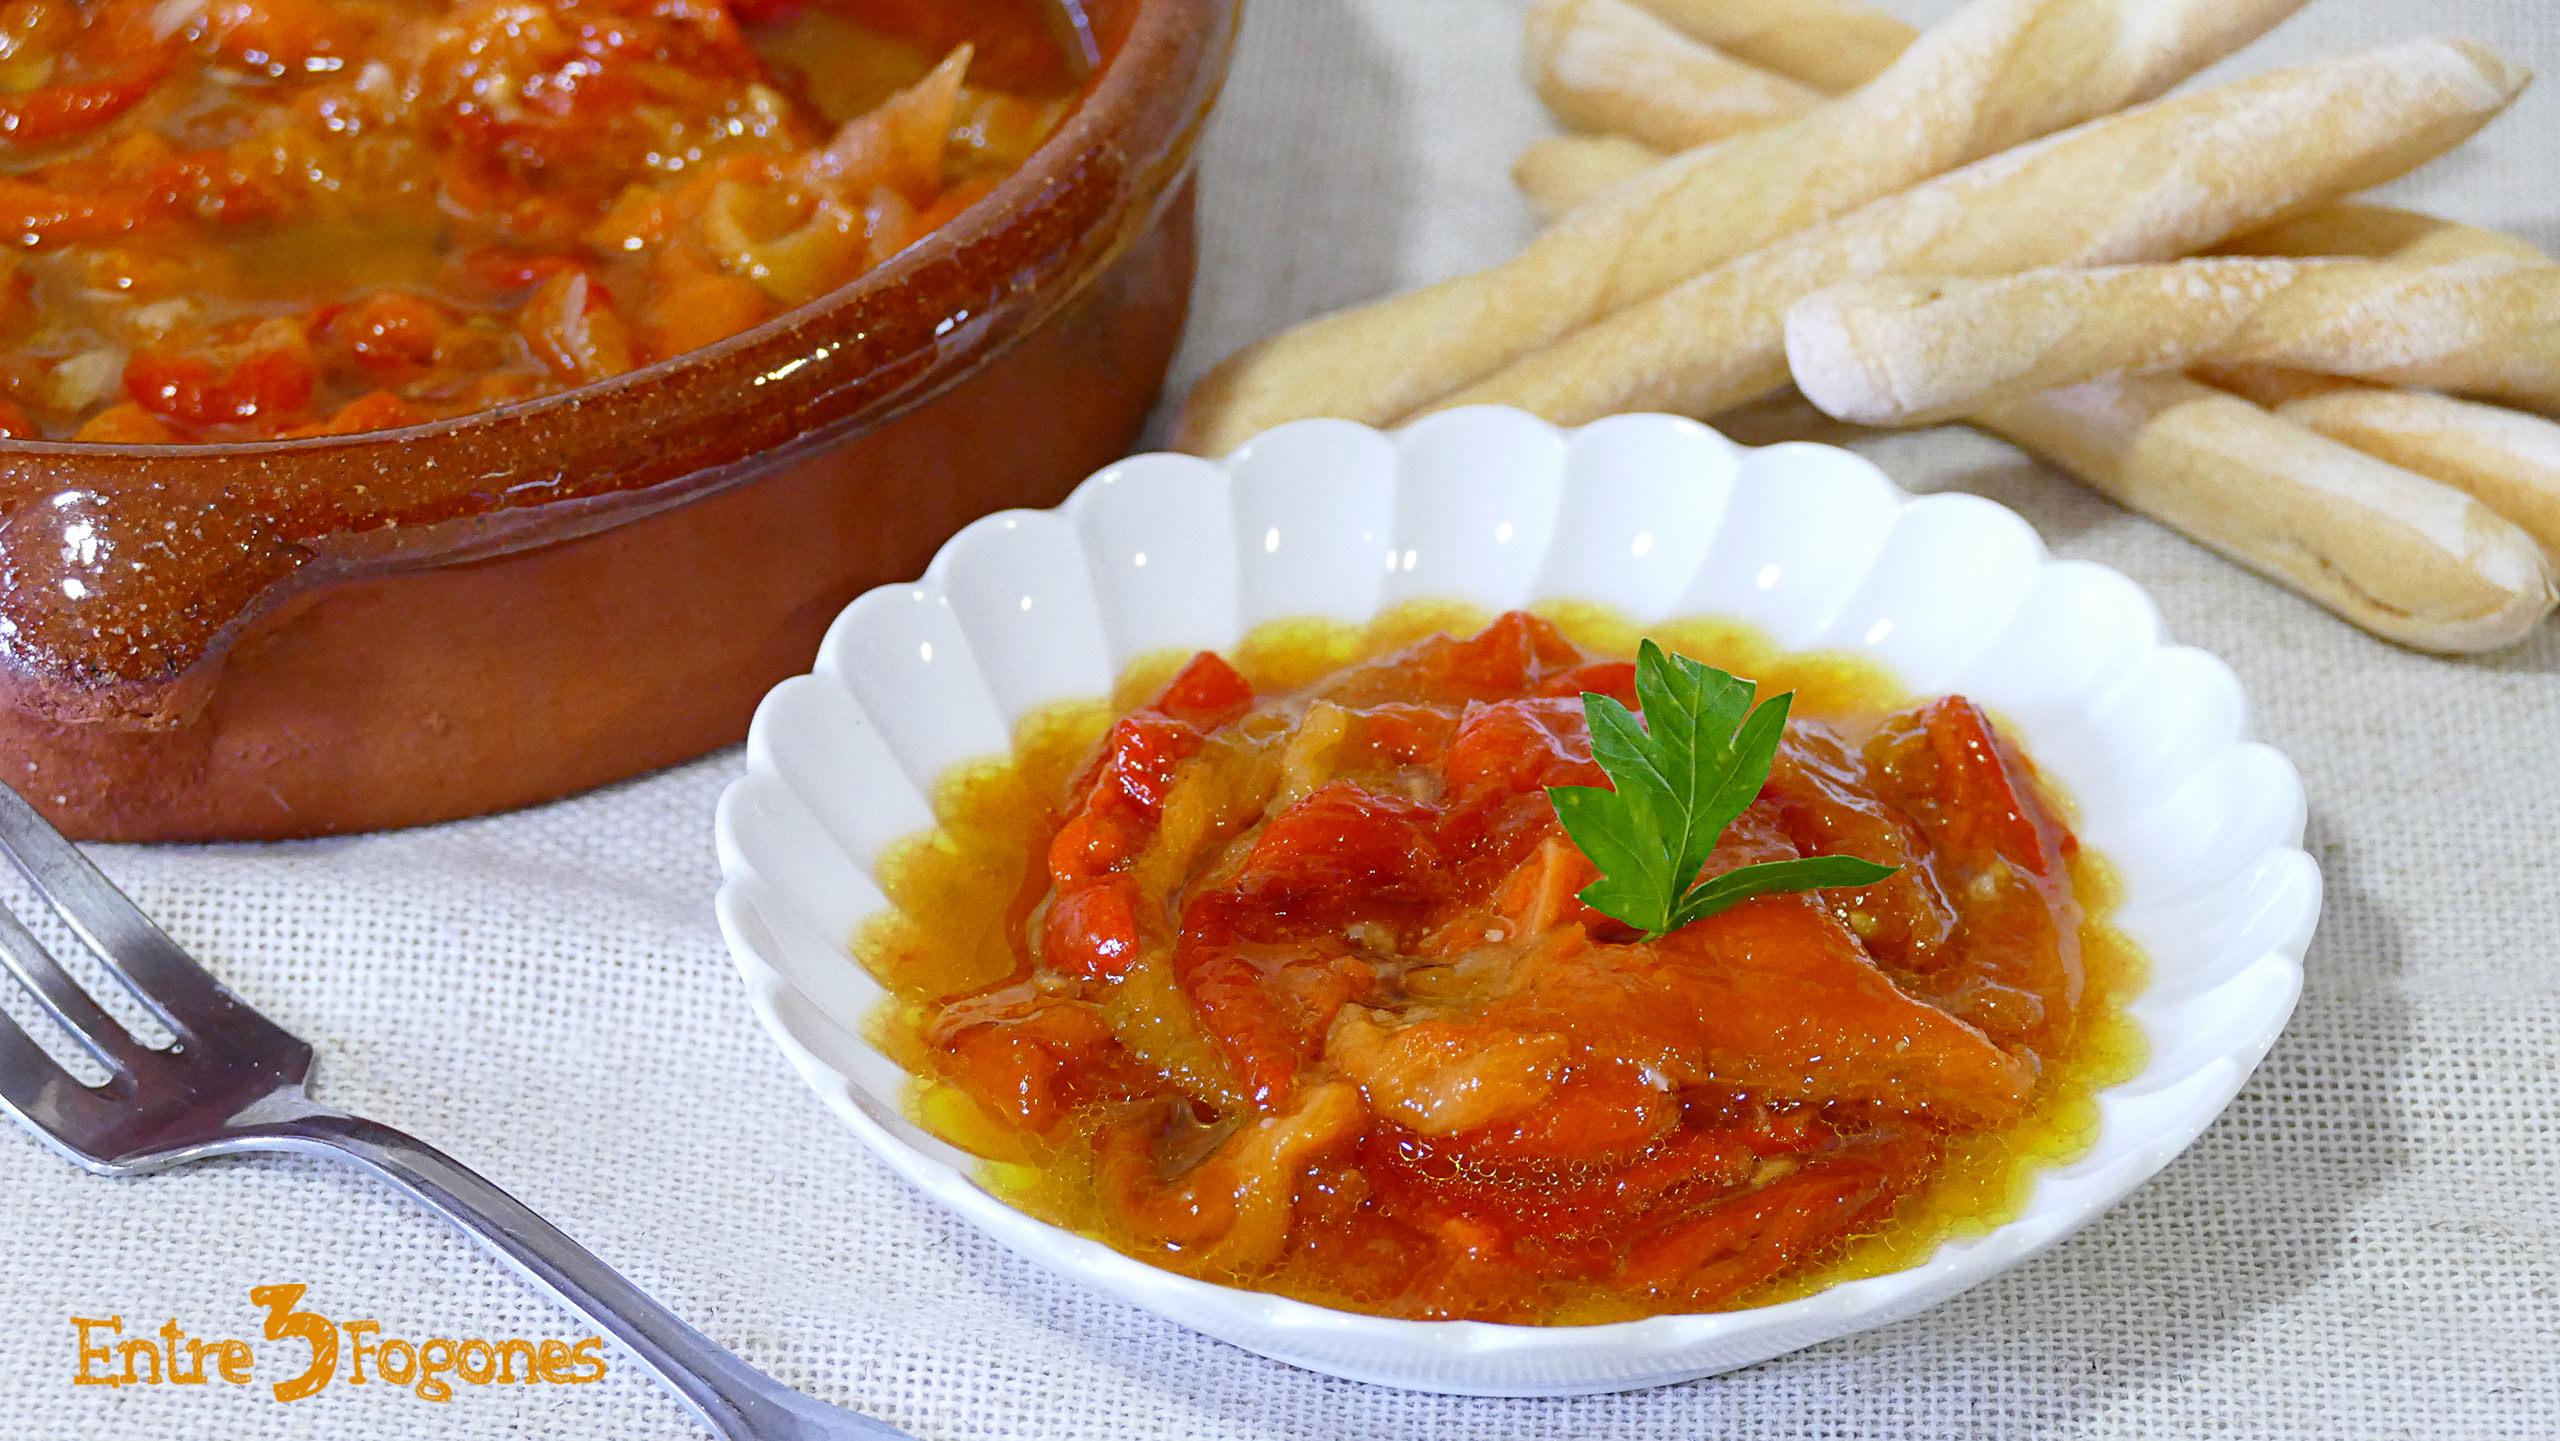 Ensalada de Pimientos Rojos Asados y Tomate